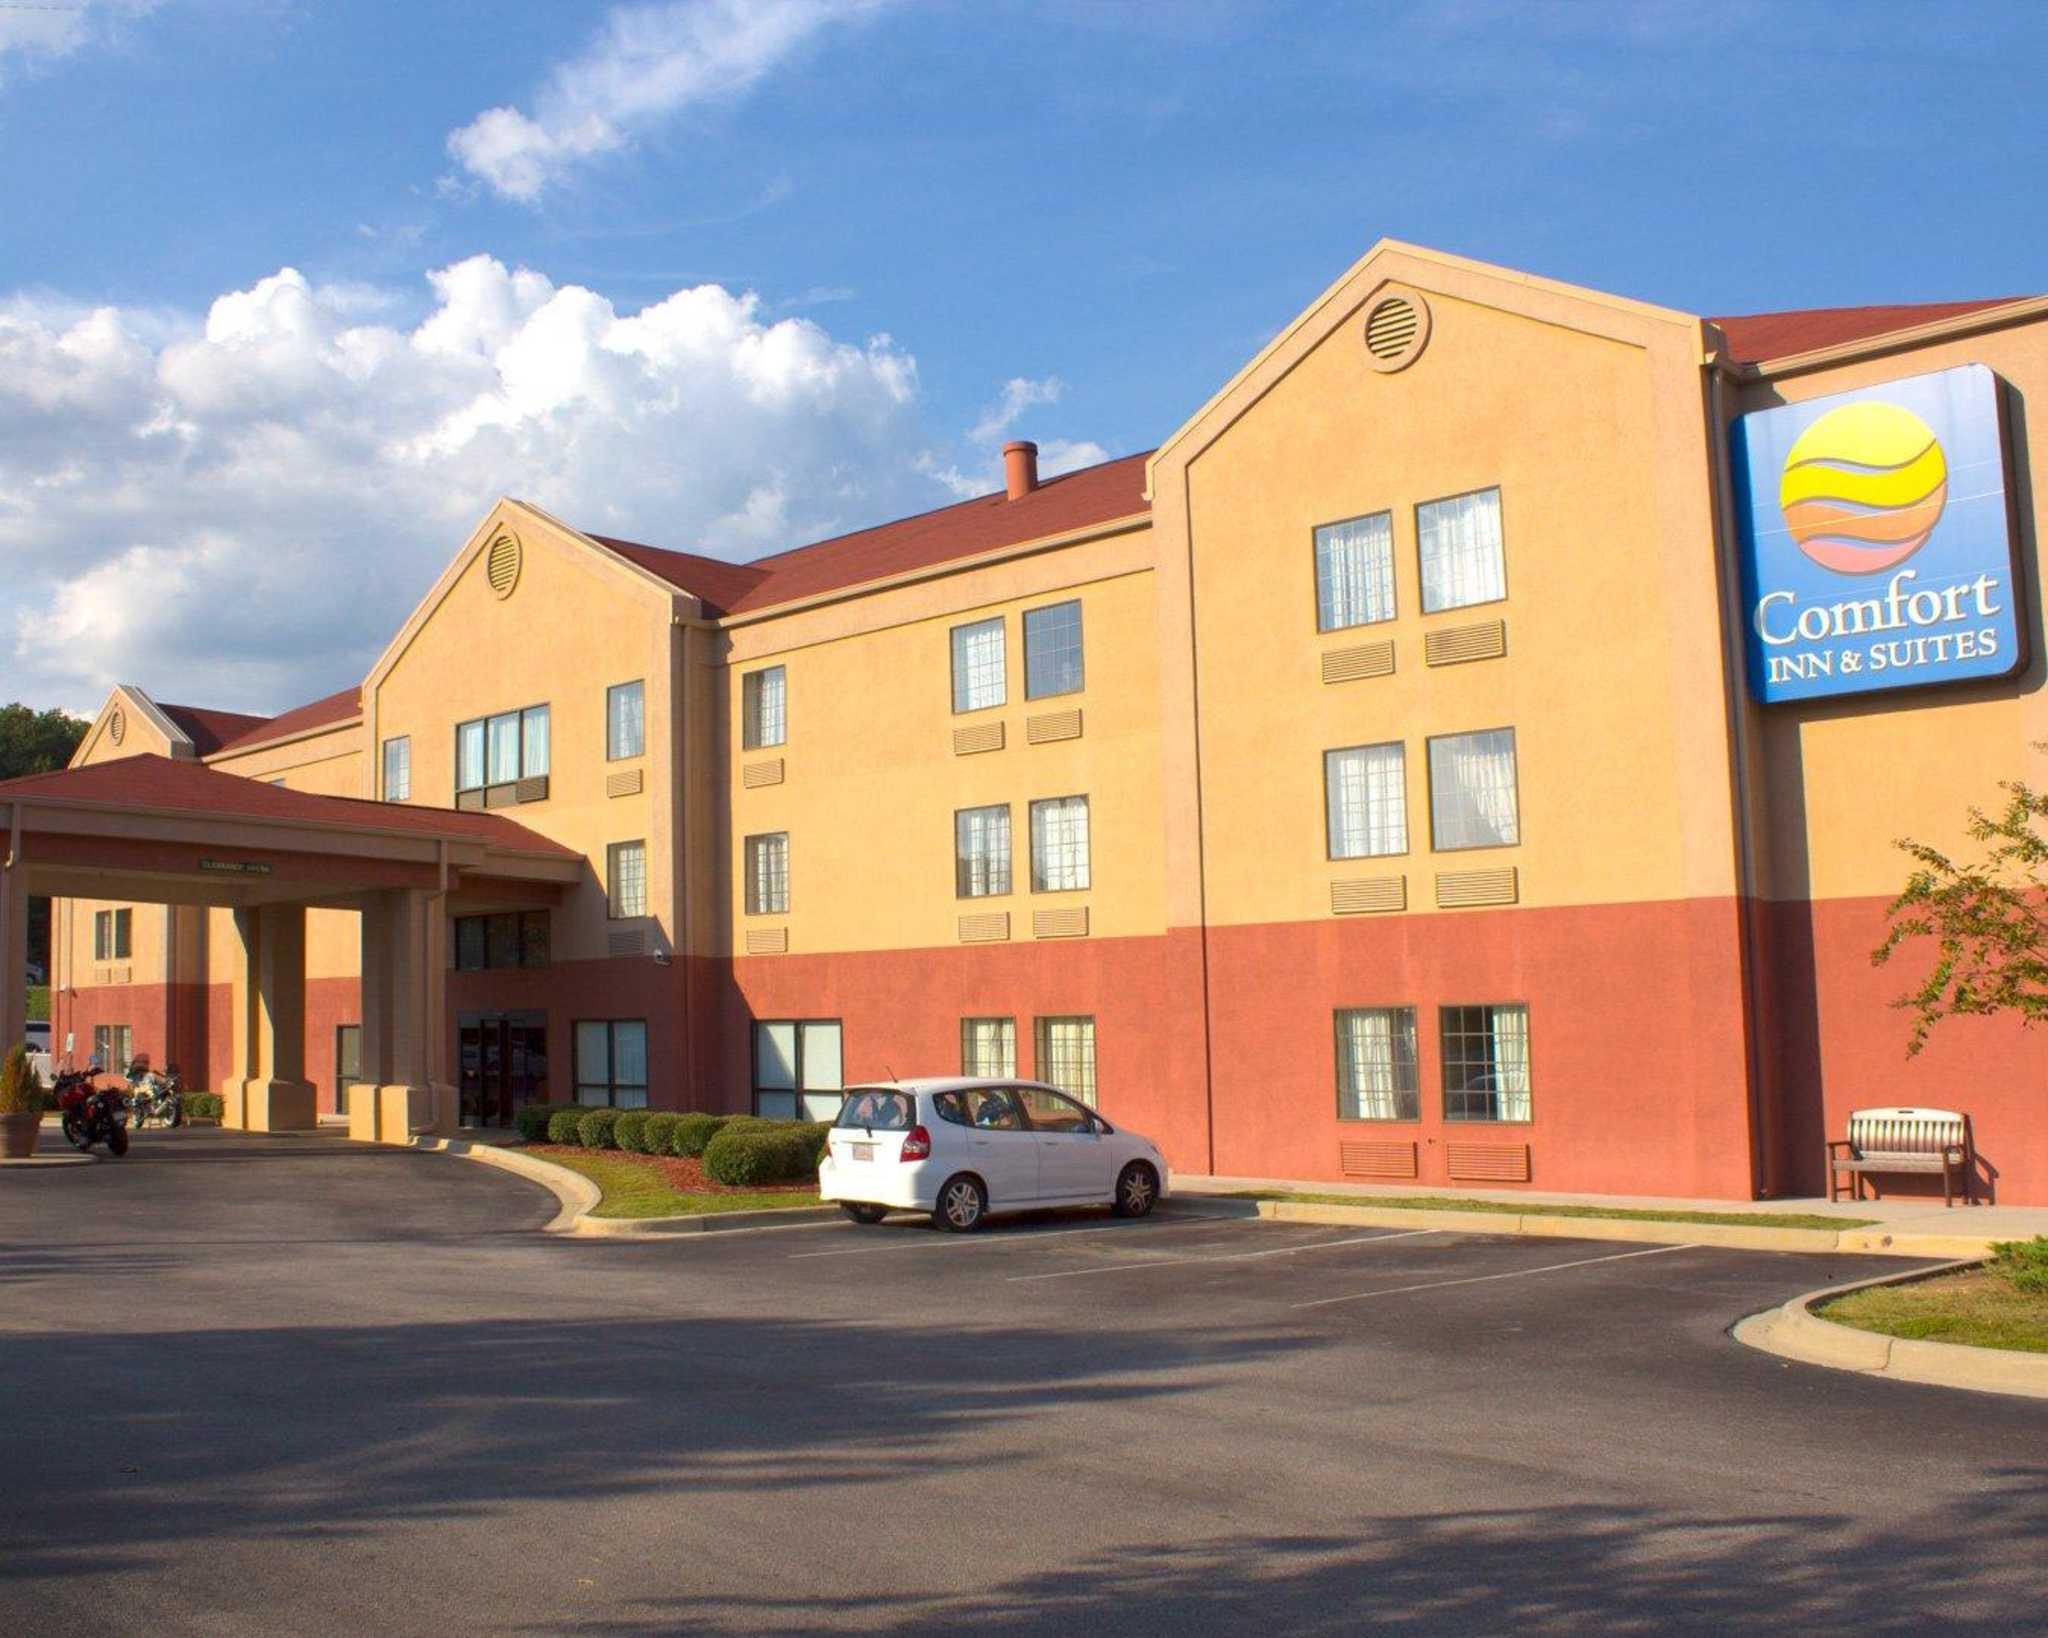 Comfort Inn Amp Suites In Trussville Al 205 661 3